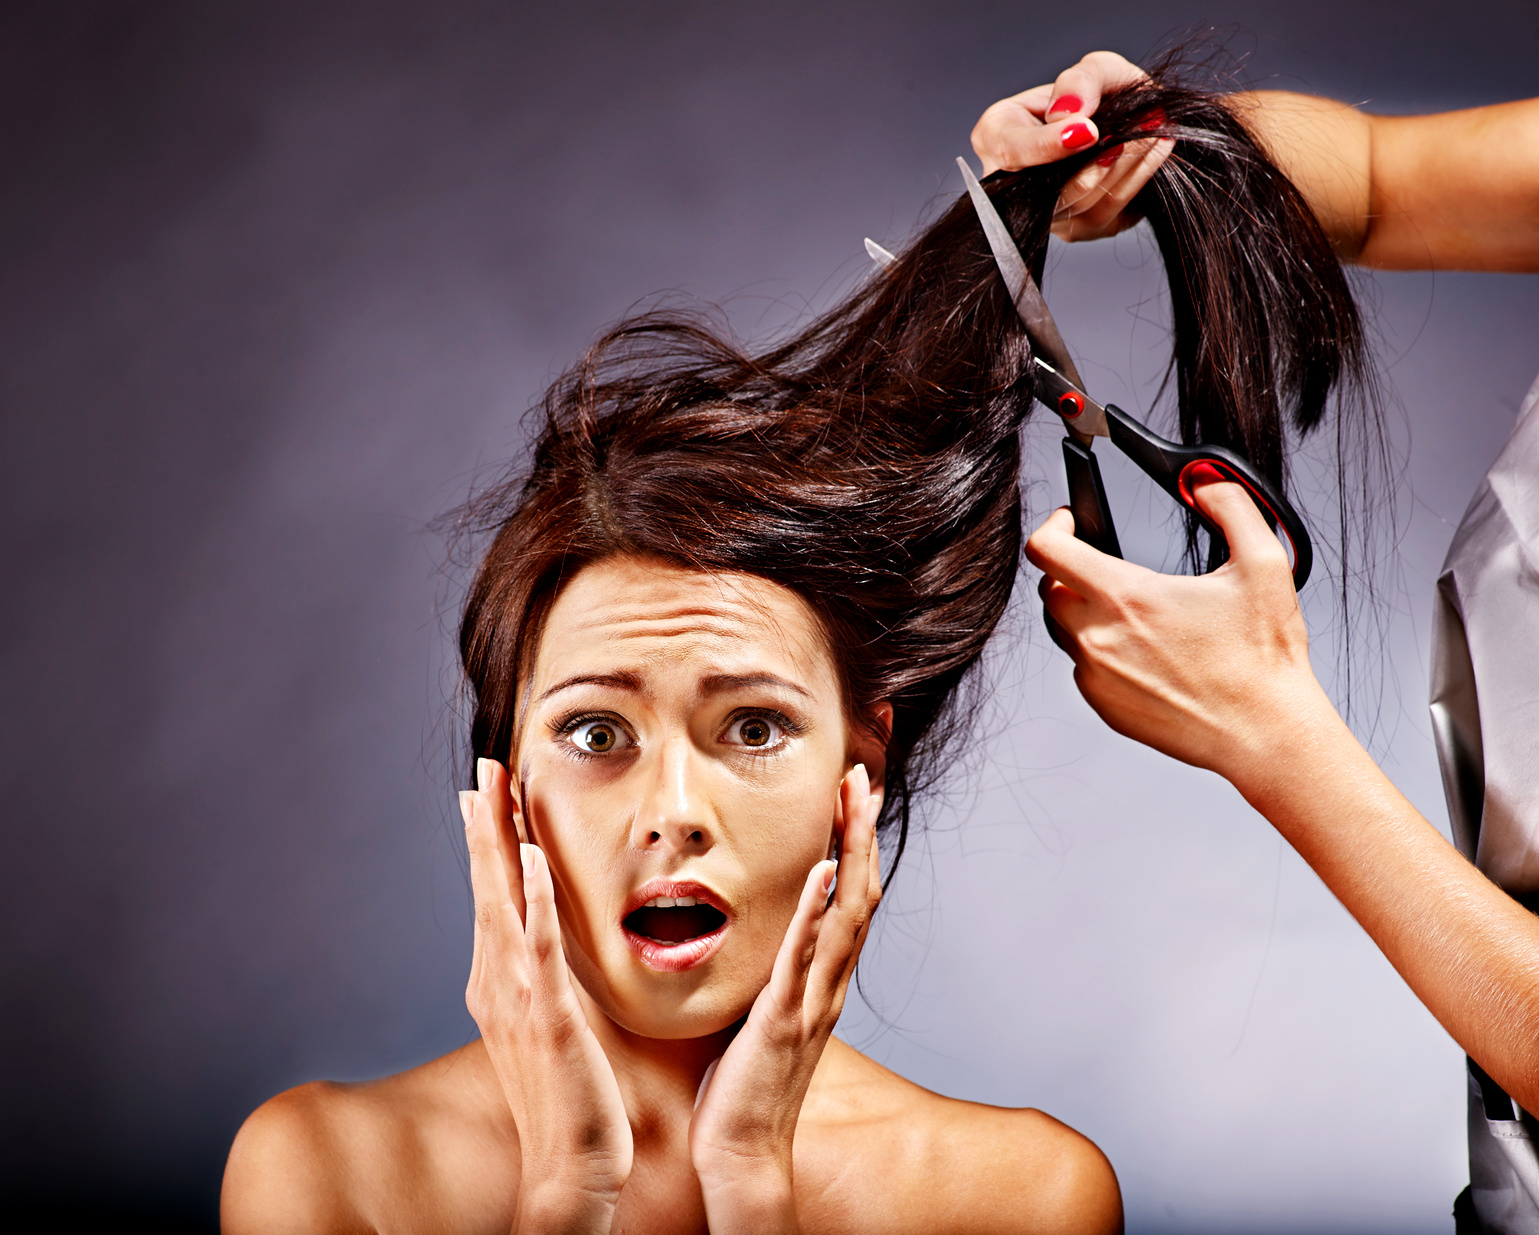 Összetevõk elemzése. Mit kerüljünk el a hajápoló termékekben?